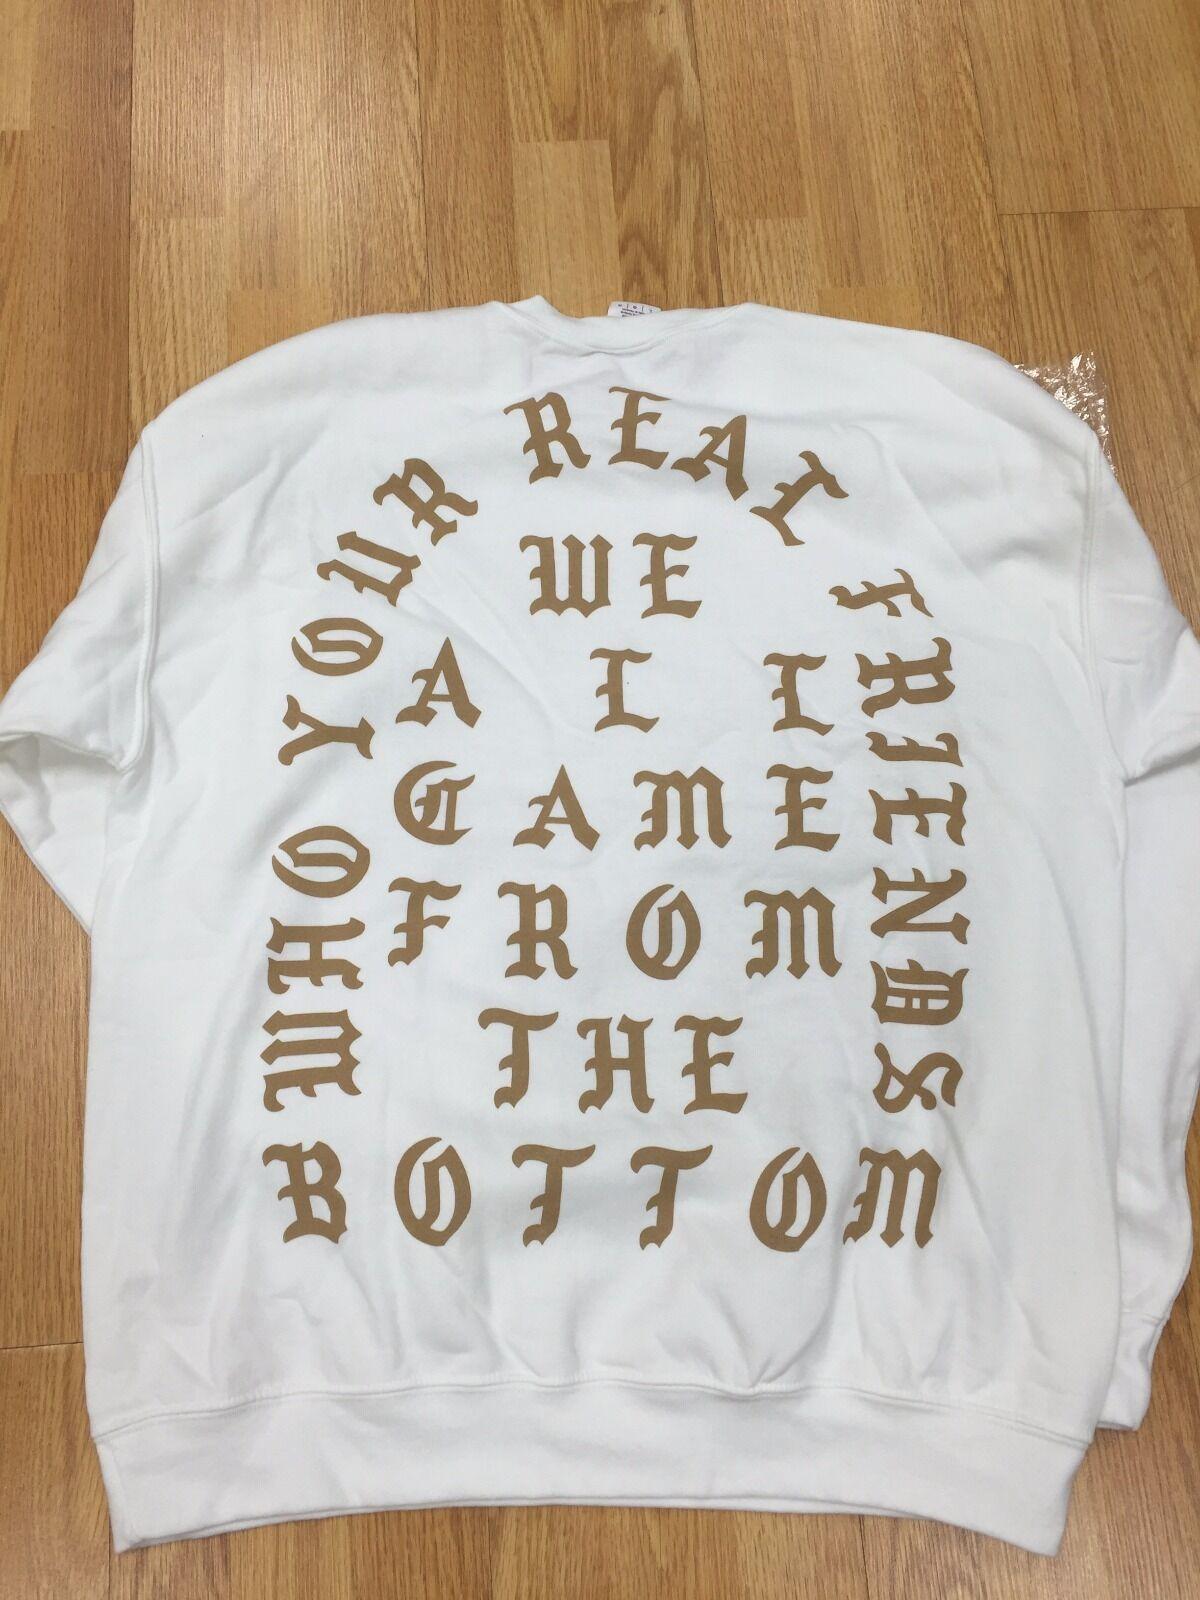 Kanye West POPUP London autentici che i veri GIROCOLLO amici BIANCO GIROCOLLO veri L SOLDOUT 7f4354